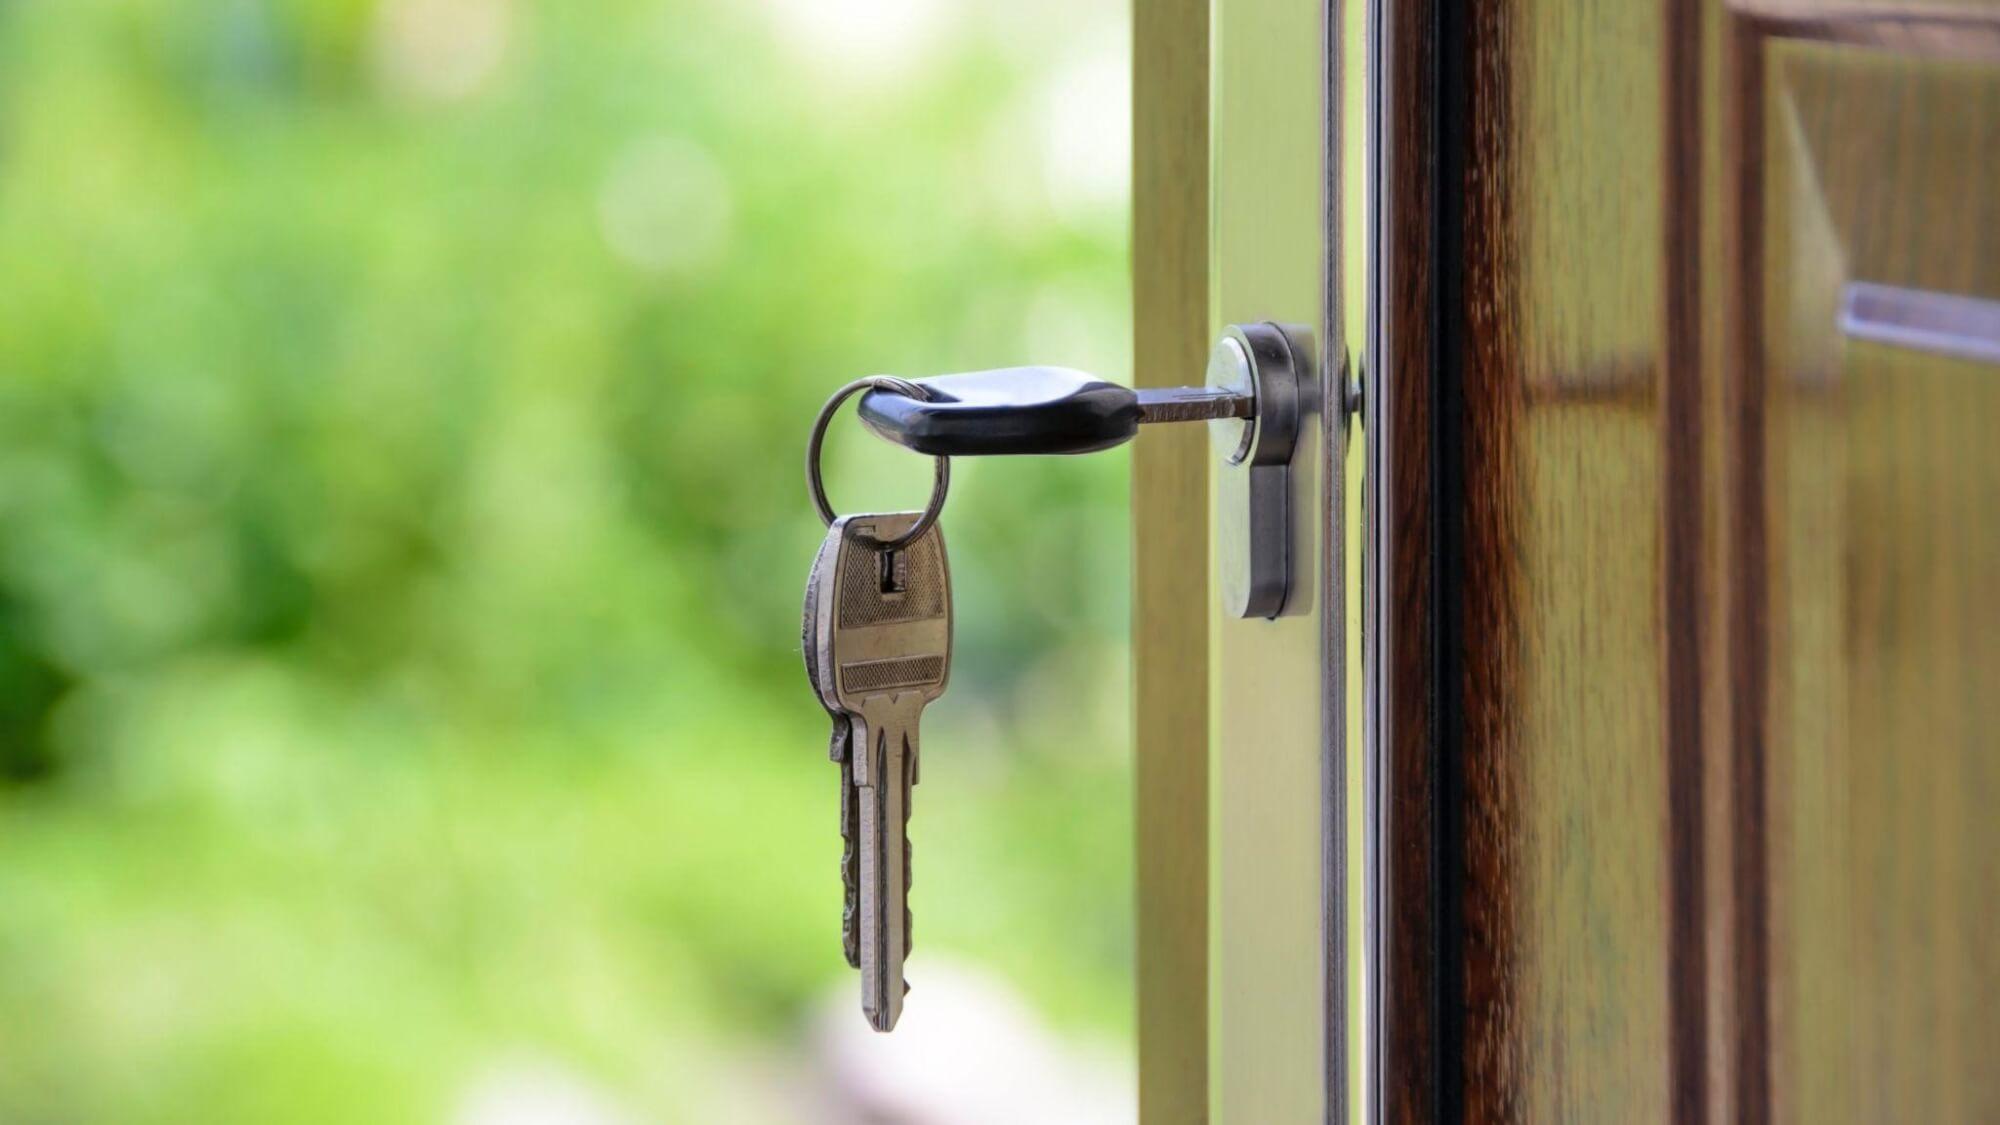 Set of keys unlocking front door of house